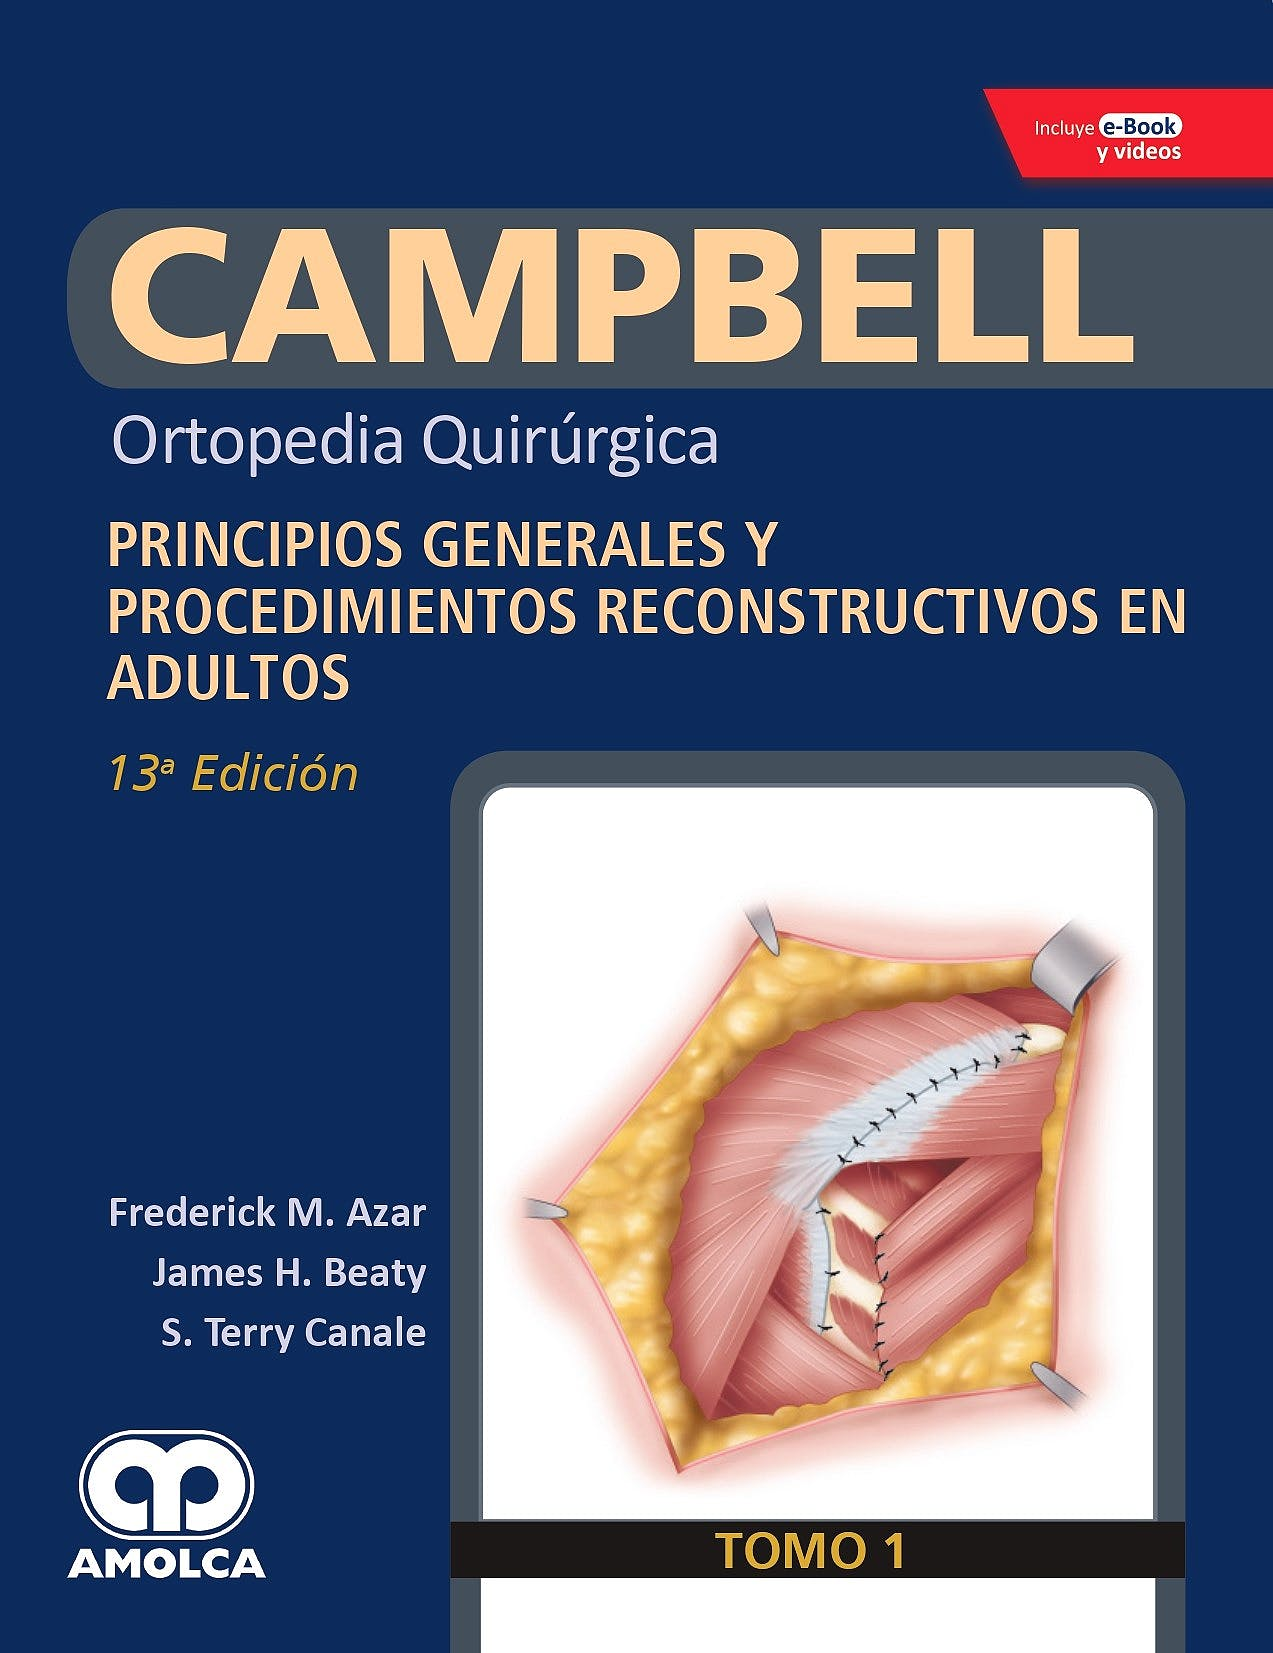 Portada del libro 9789804300882 CAMPBELL Ortopedia Quirúrgica, Tomo 1: Principios Generales y Procedimientos Reconstructivos en Adultos (Incluye E-Book y Videos)